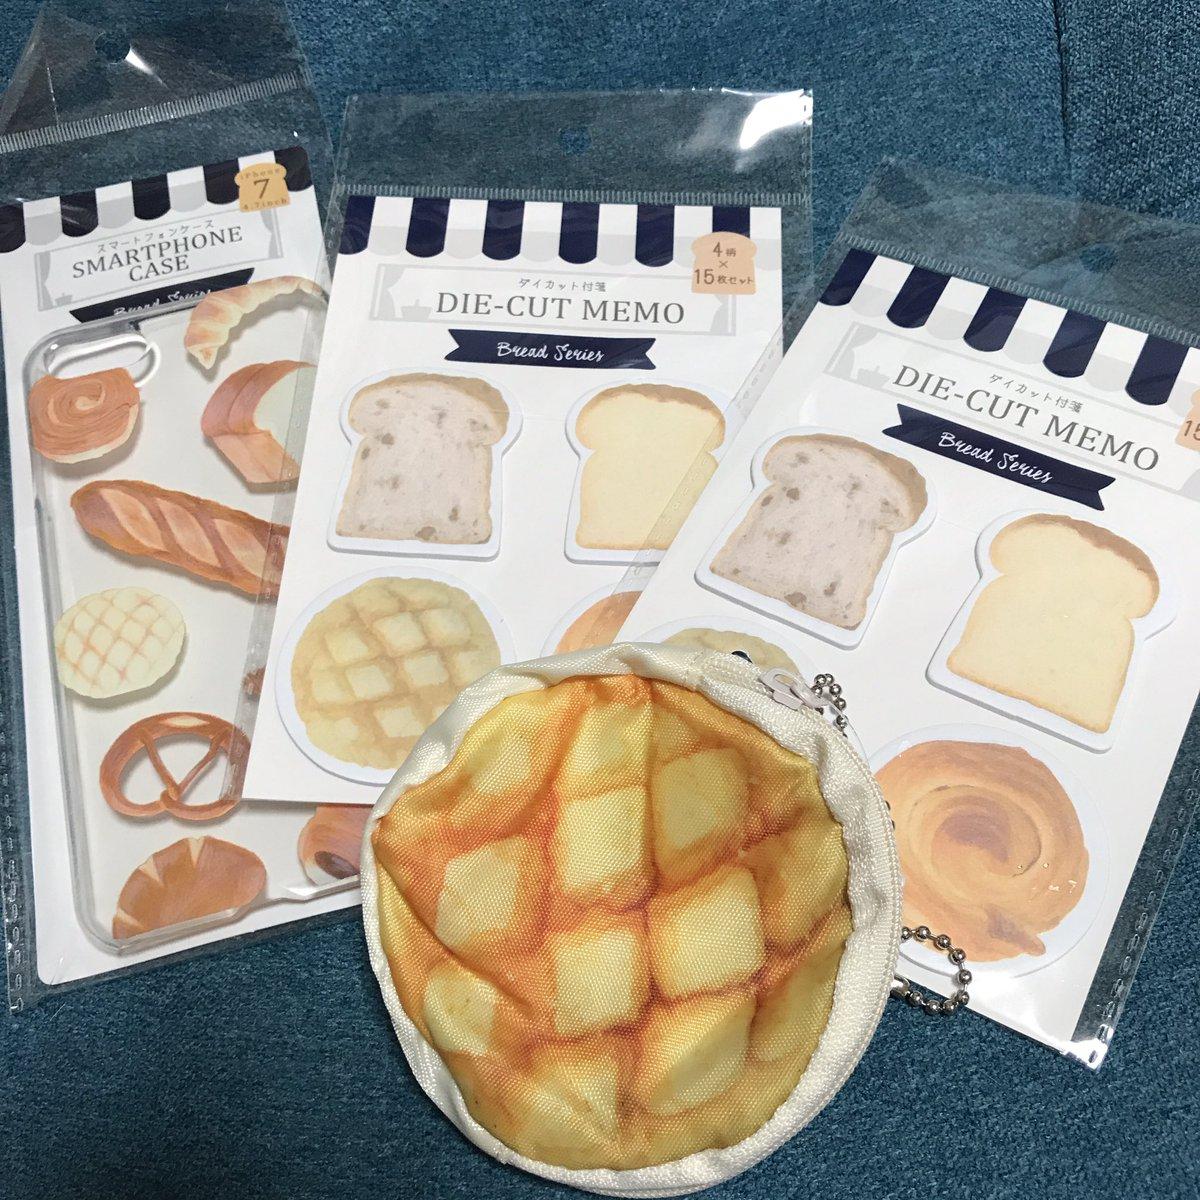 test ツイッターメディア - おはようございます☔ さむっっ この寒暖差についていけるかしら!? 昨日買ったキャンドゥのパンシリーズまだまだ欲しいー #キャンドゥ https://t.co/kQJmJoYZf0